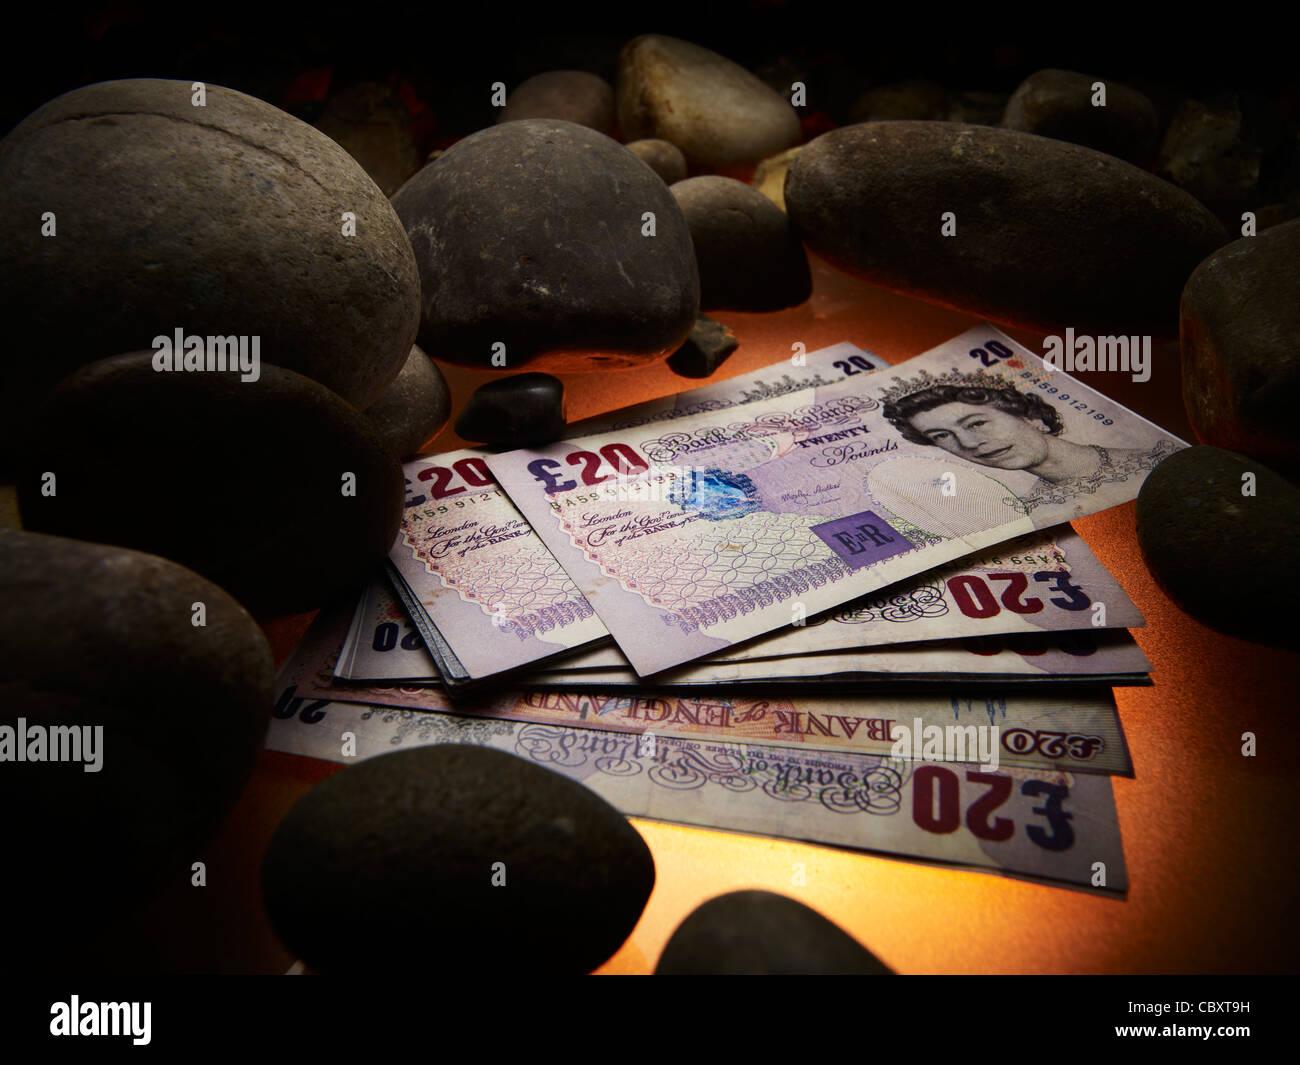 Twenty pound notes next to stones - Stock Image